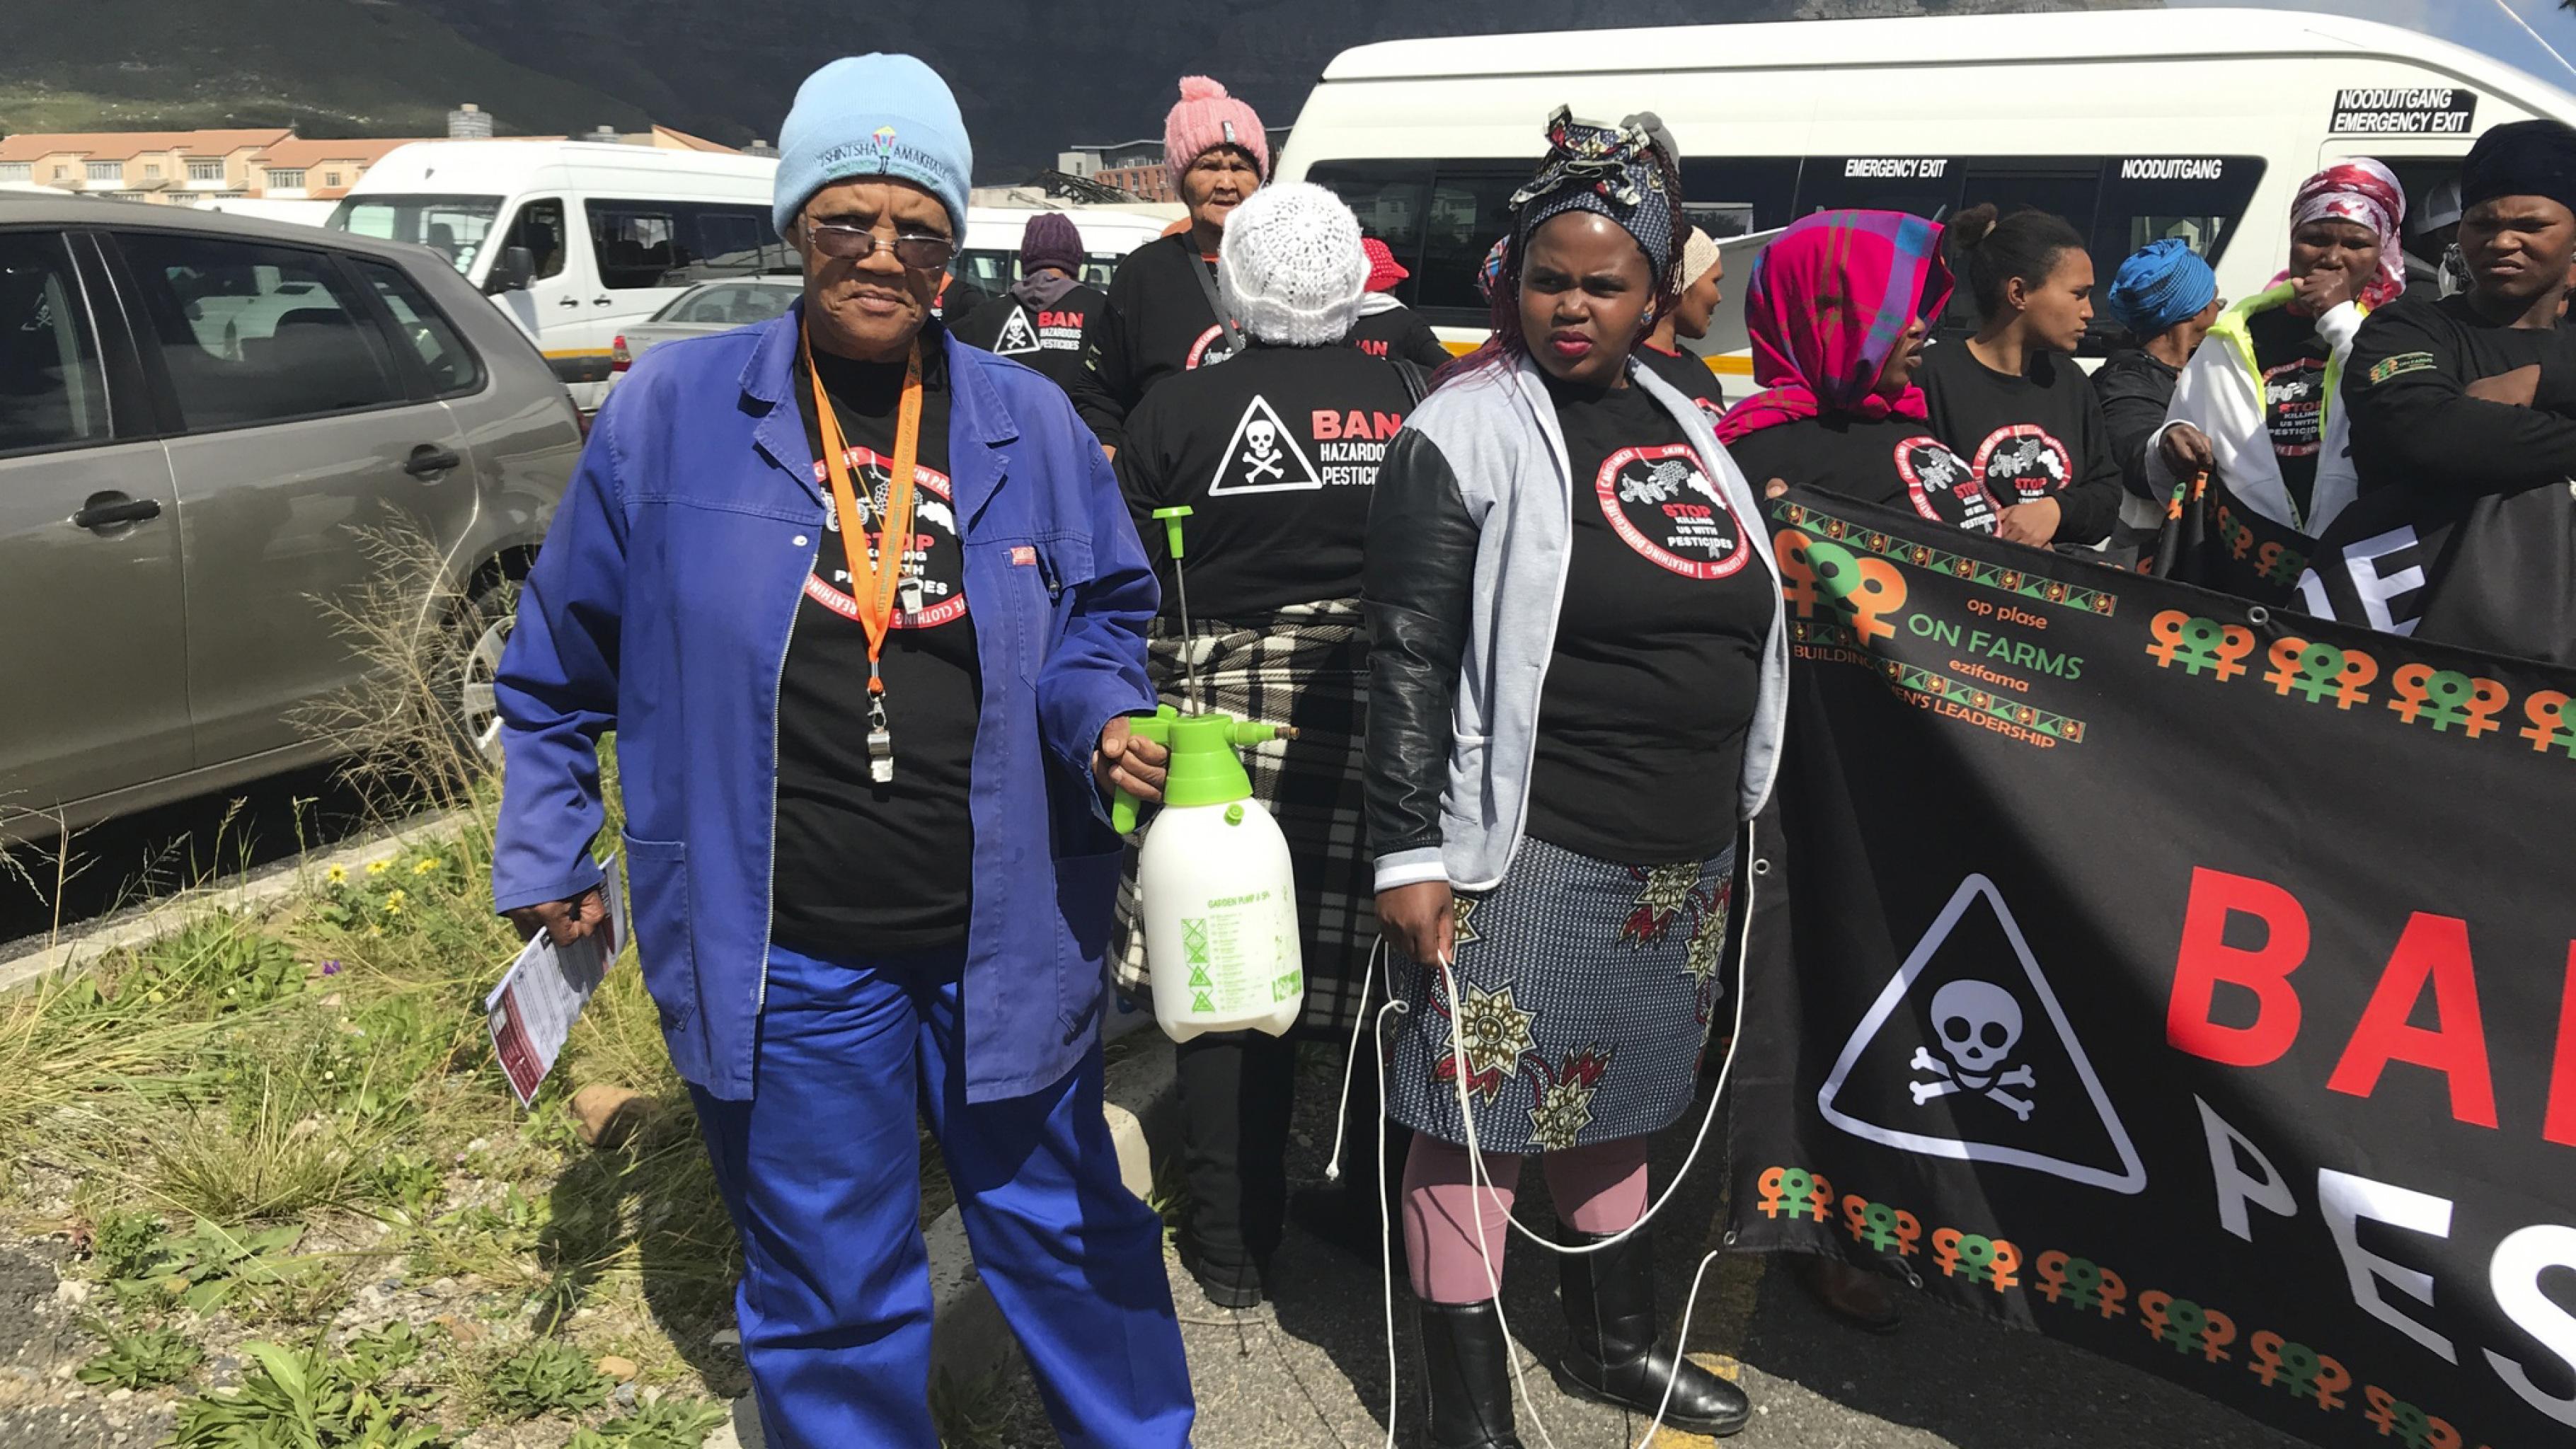 Auntie Ding (Magrieta Prins, links) und die Aktivistinnen von WFP beim Auftakt zum March